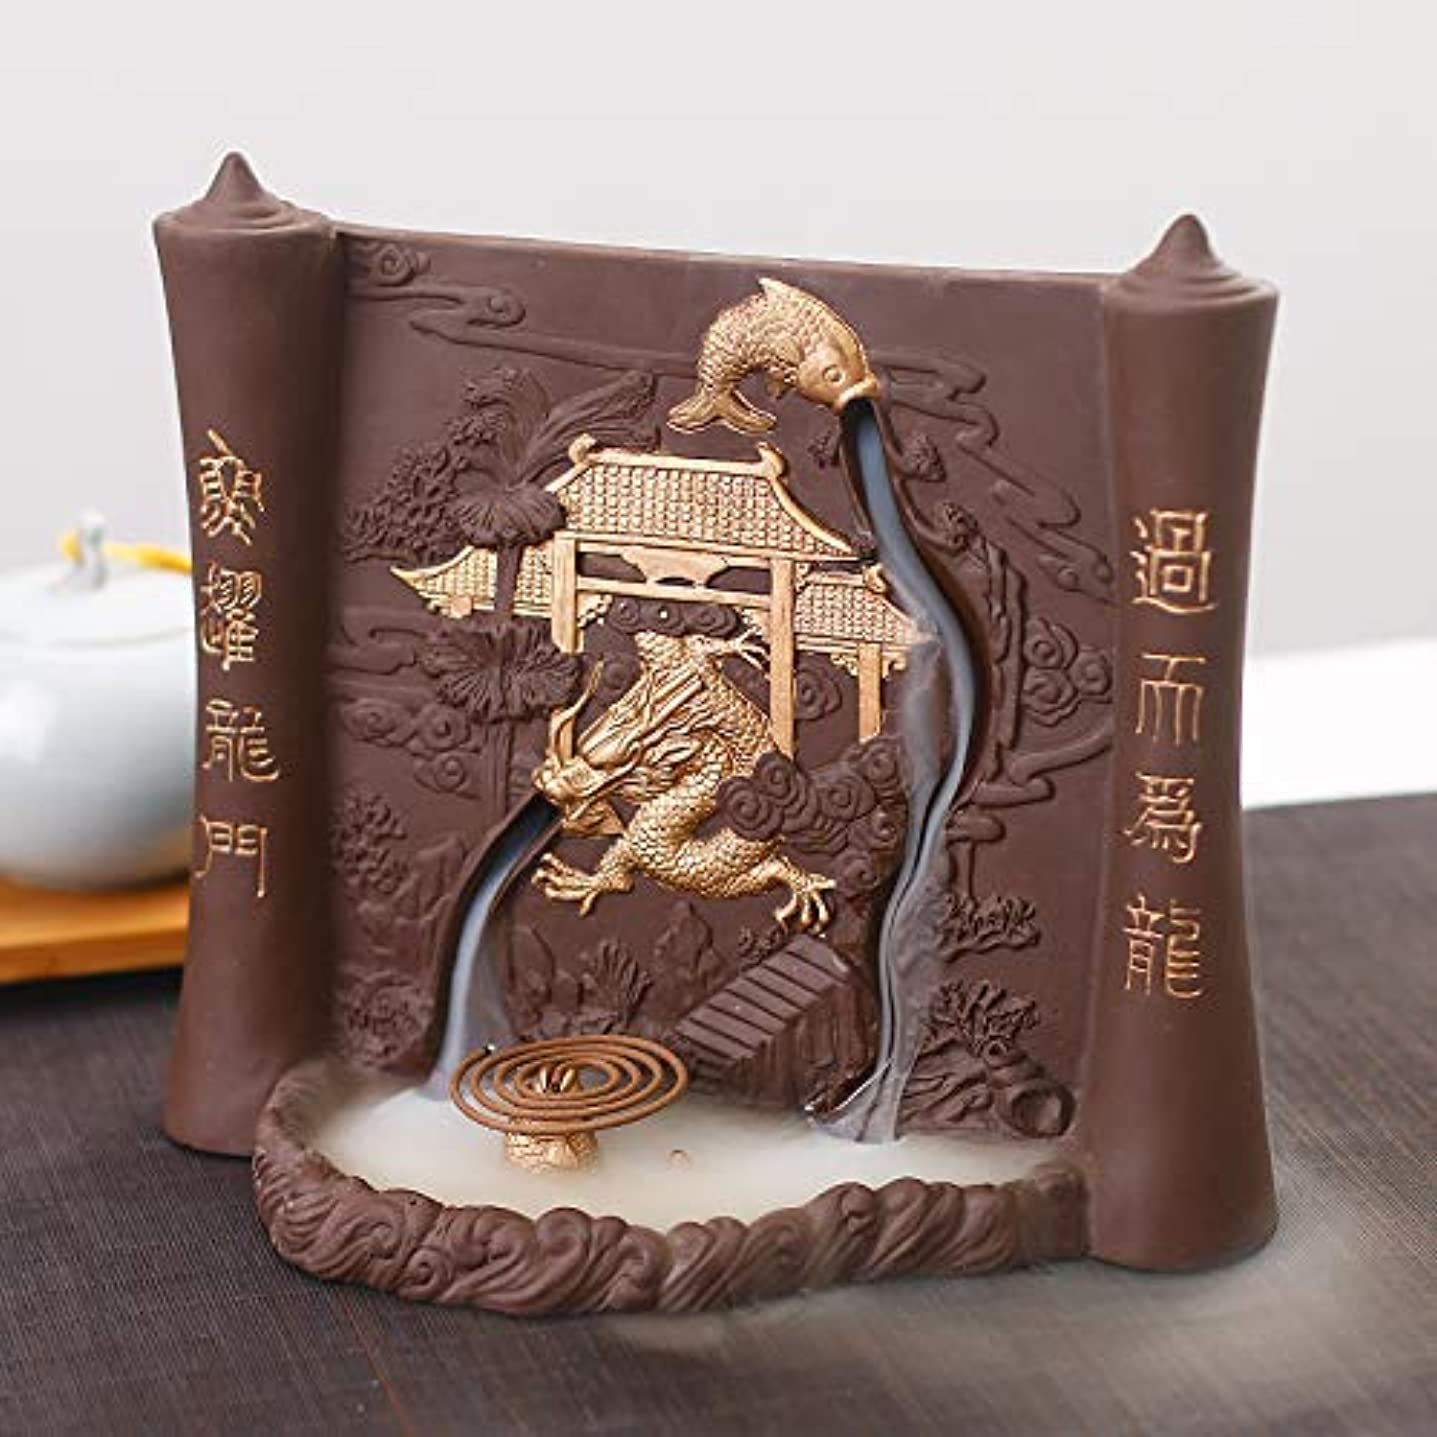 チェリー半円製油所PHILOGOD 香炉 陶器漢字彫刻レリーフ手作り逆流香炉 線香立て デュアルユース お香 ホルダー